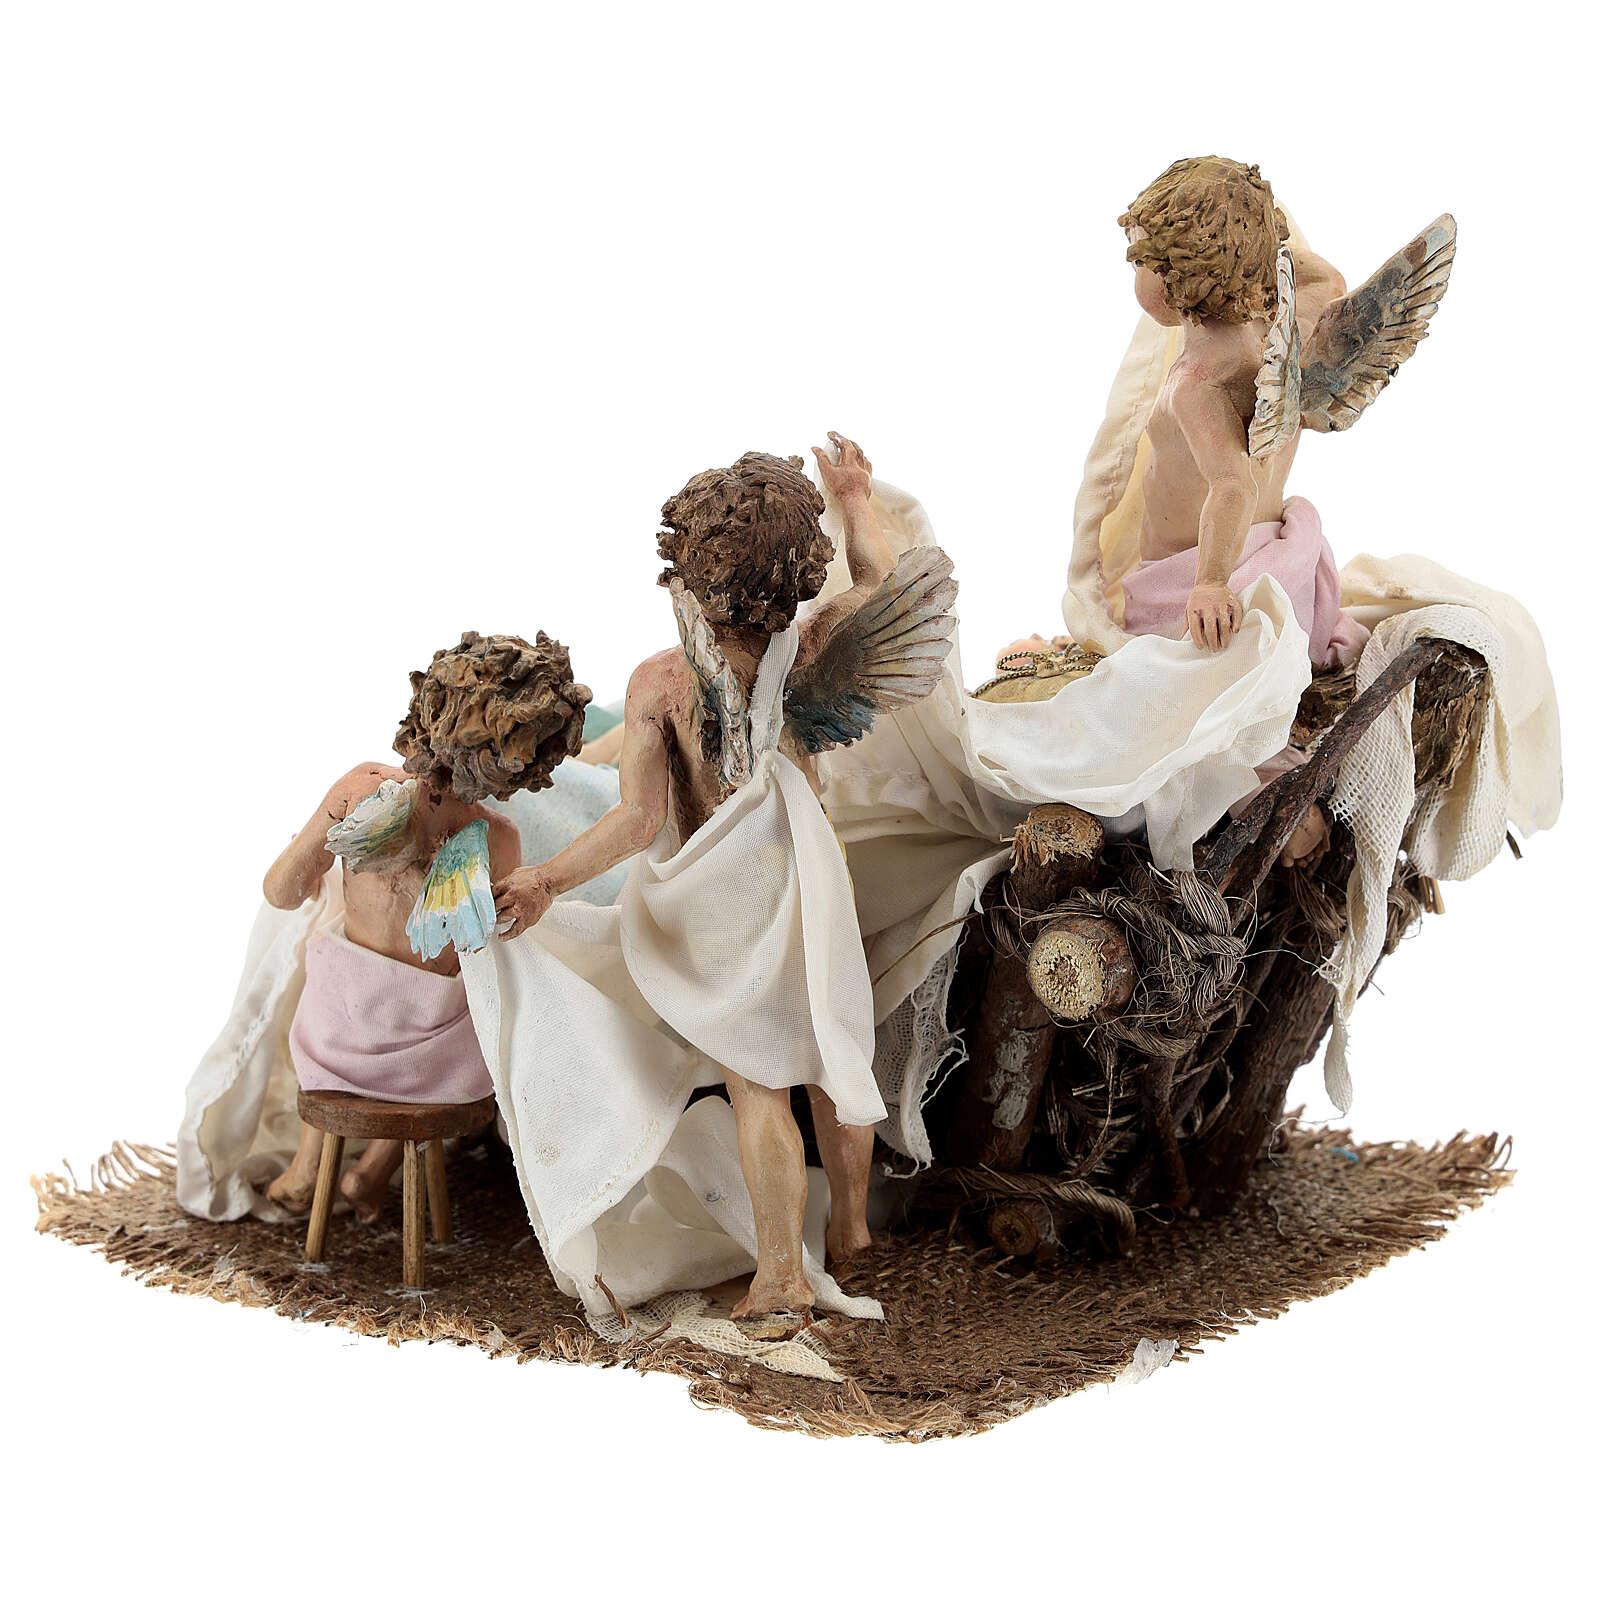 Berço Menino Jesus com anjos para presépio Angela Tripi com figuras de altura média 30 cm 4